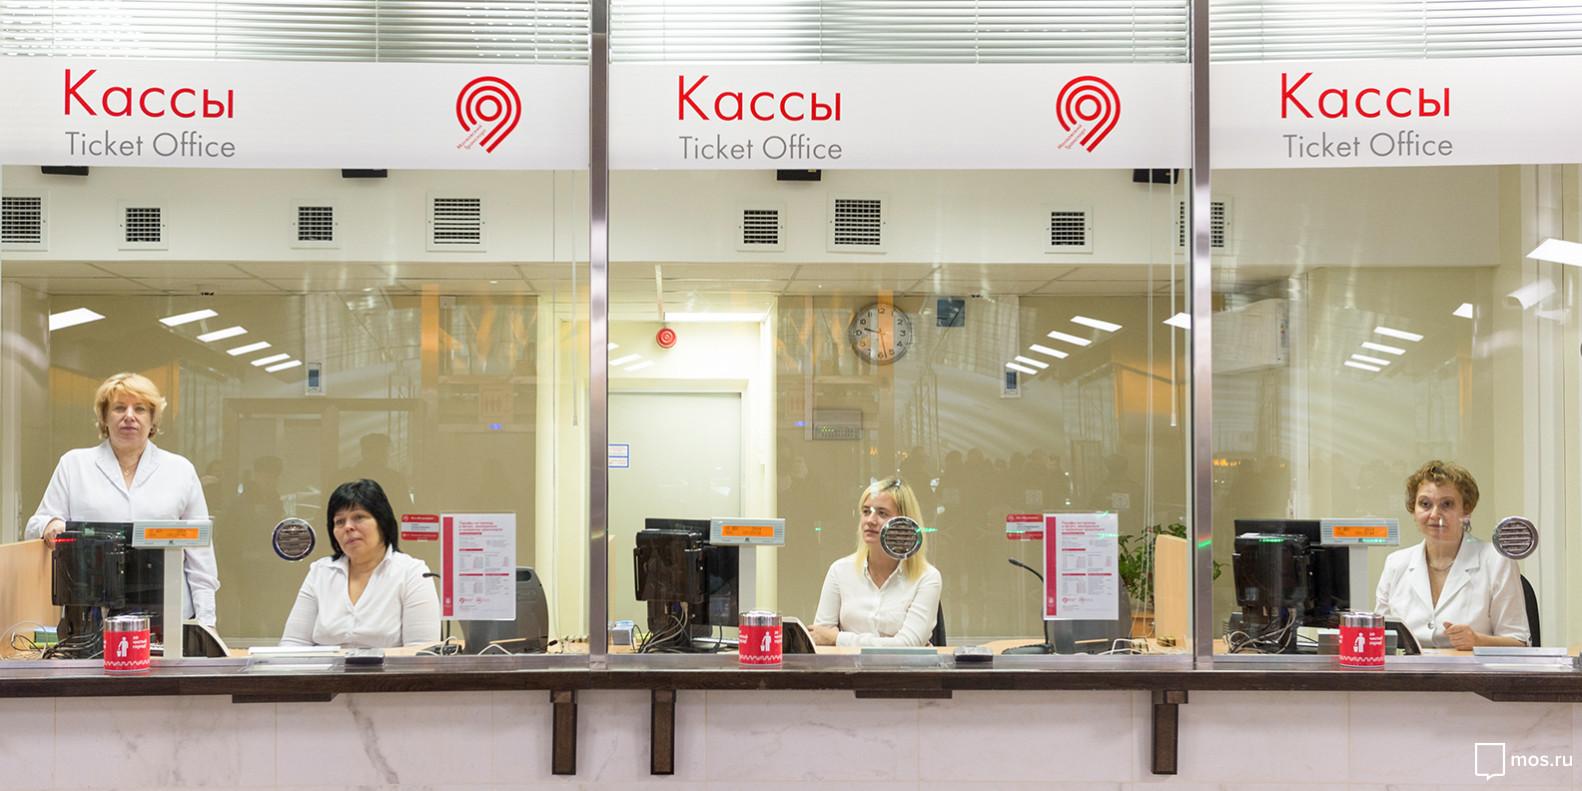 Вмосковском метро начнут торговать билеты «Единый» ввиде браслетов